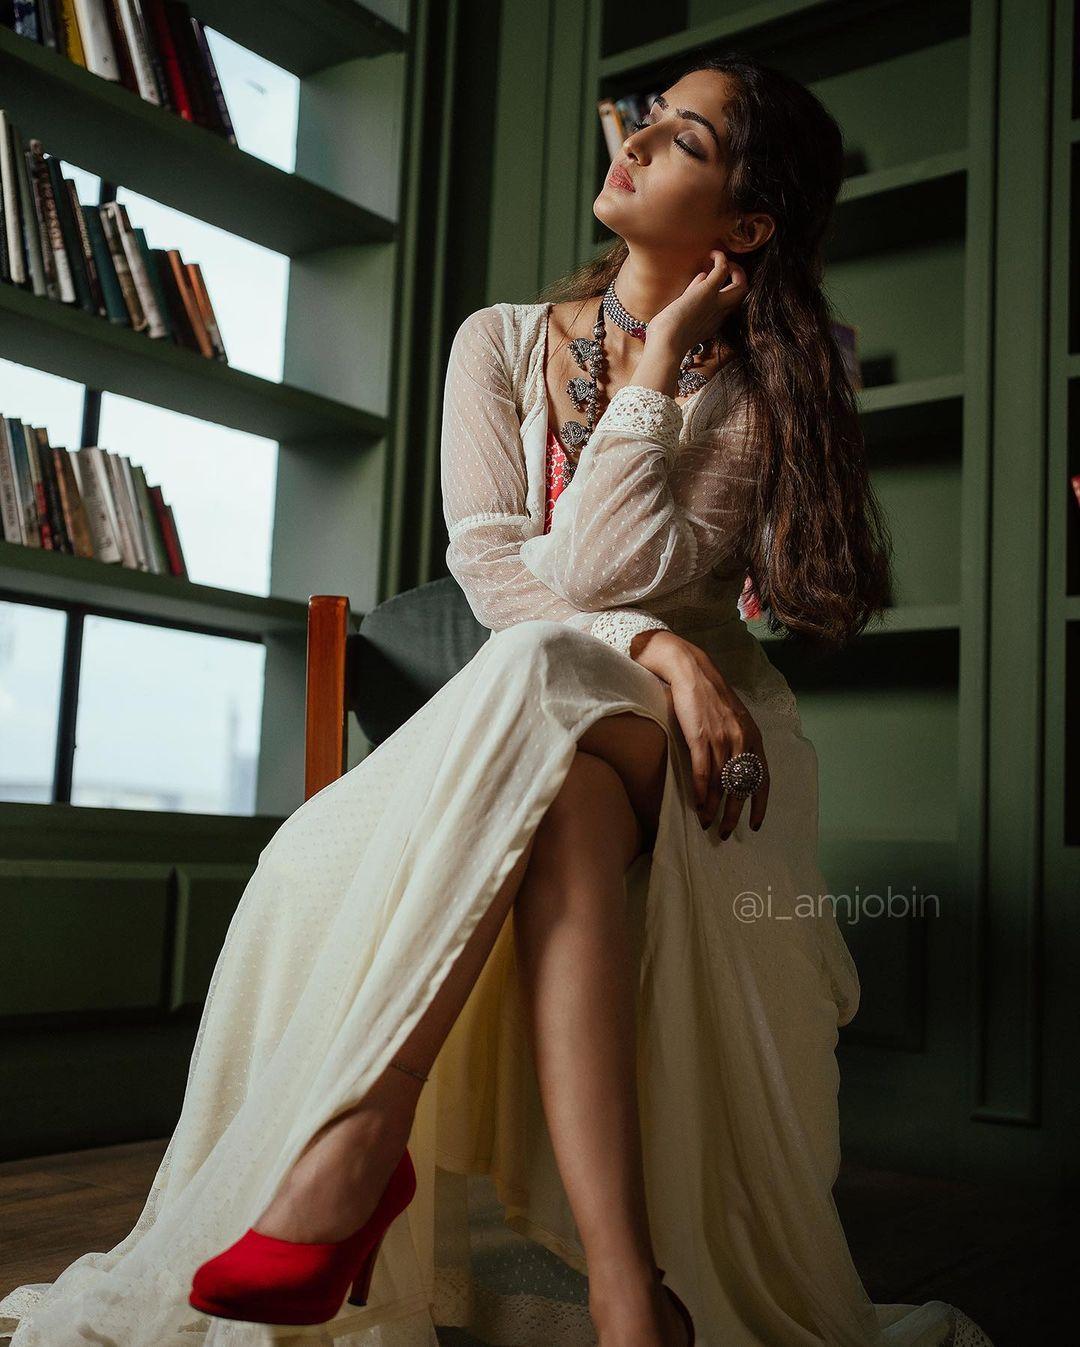 நடிகை ரெபா மோனிகா ஜான் தமிழ் மற்றும் மலையாளத்தில் பல படங்கள் நடித்துள்ளார்.